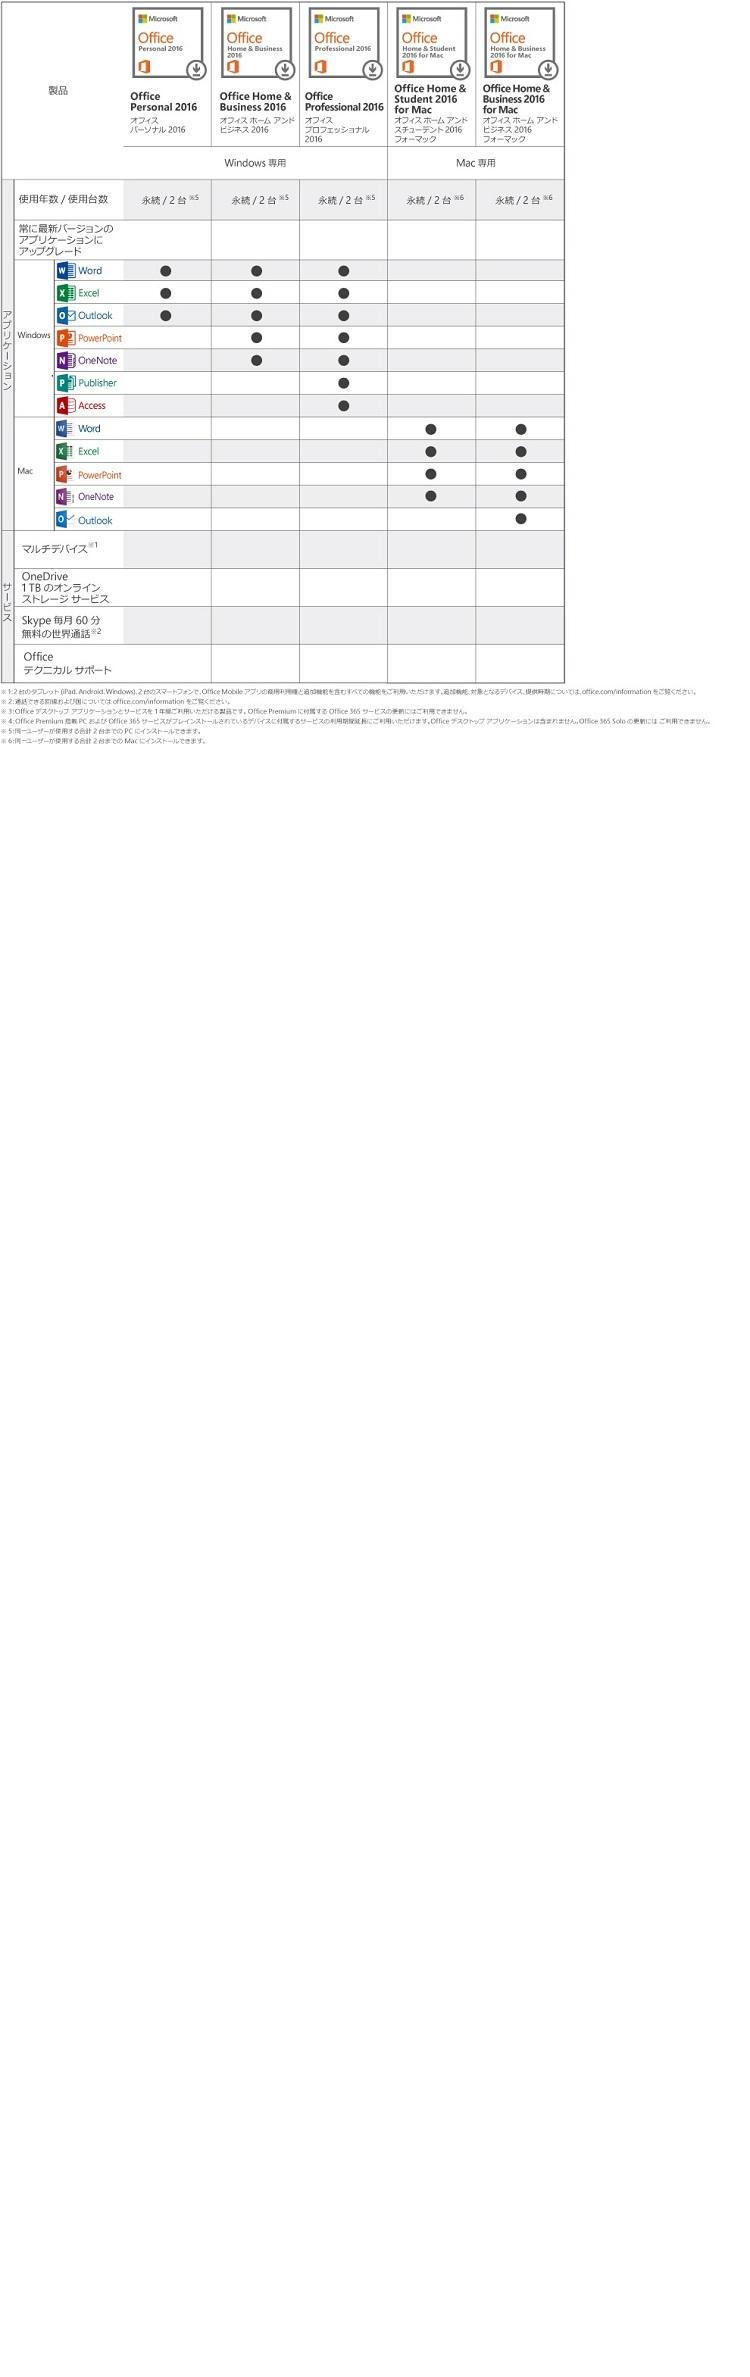 Office 2016 エディション情報